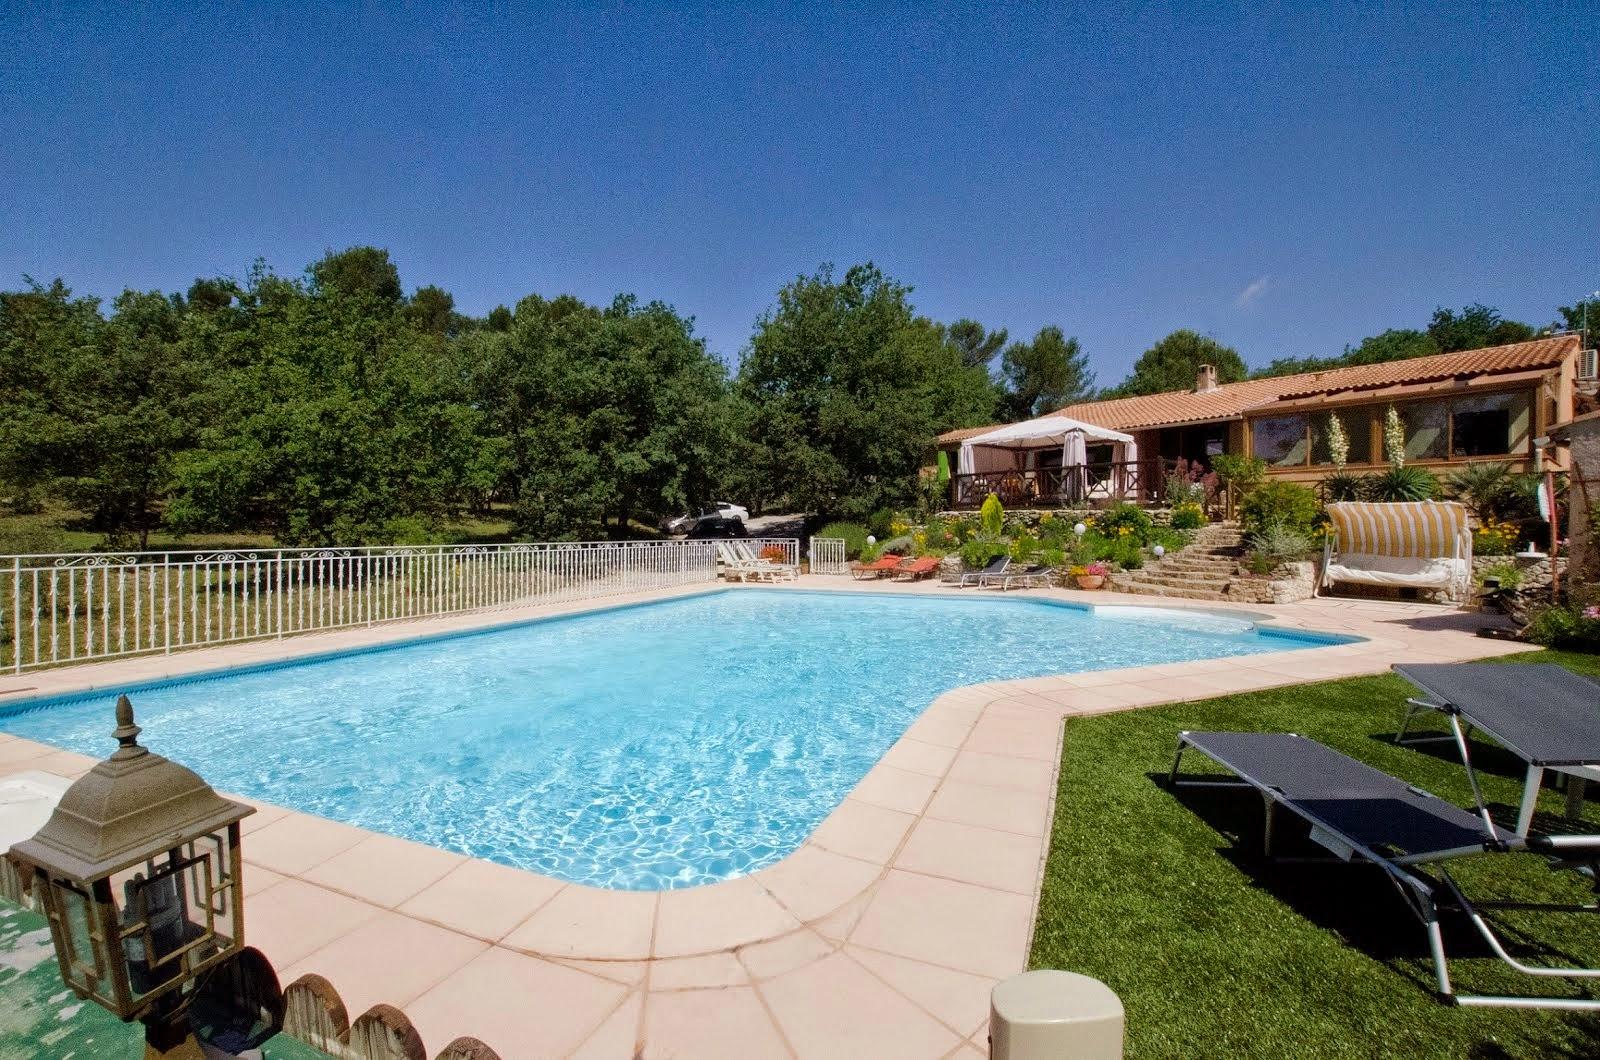 Disponibilités, Maison d'hôtes, Guest house Aix en Provence, Cassis